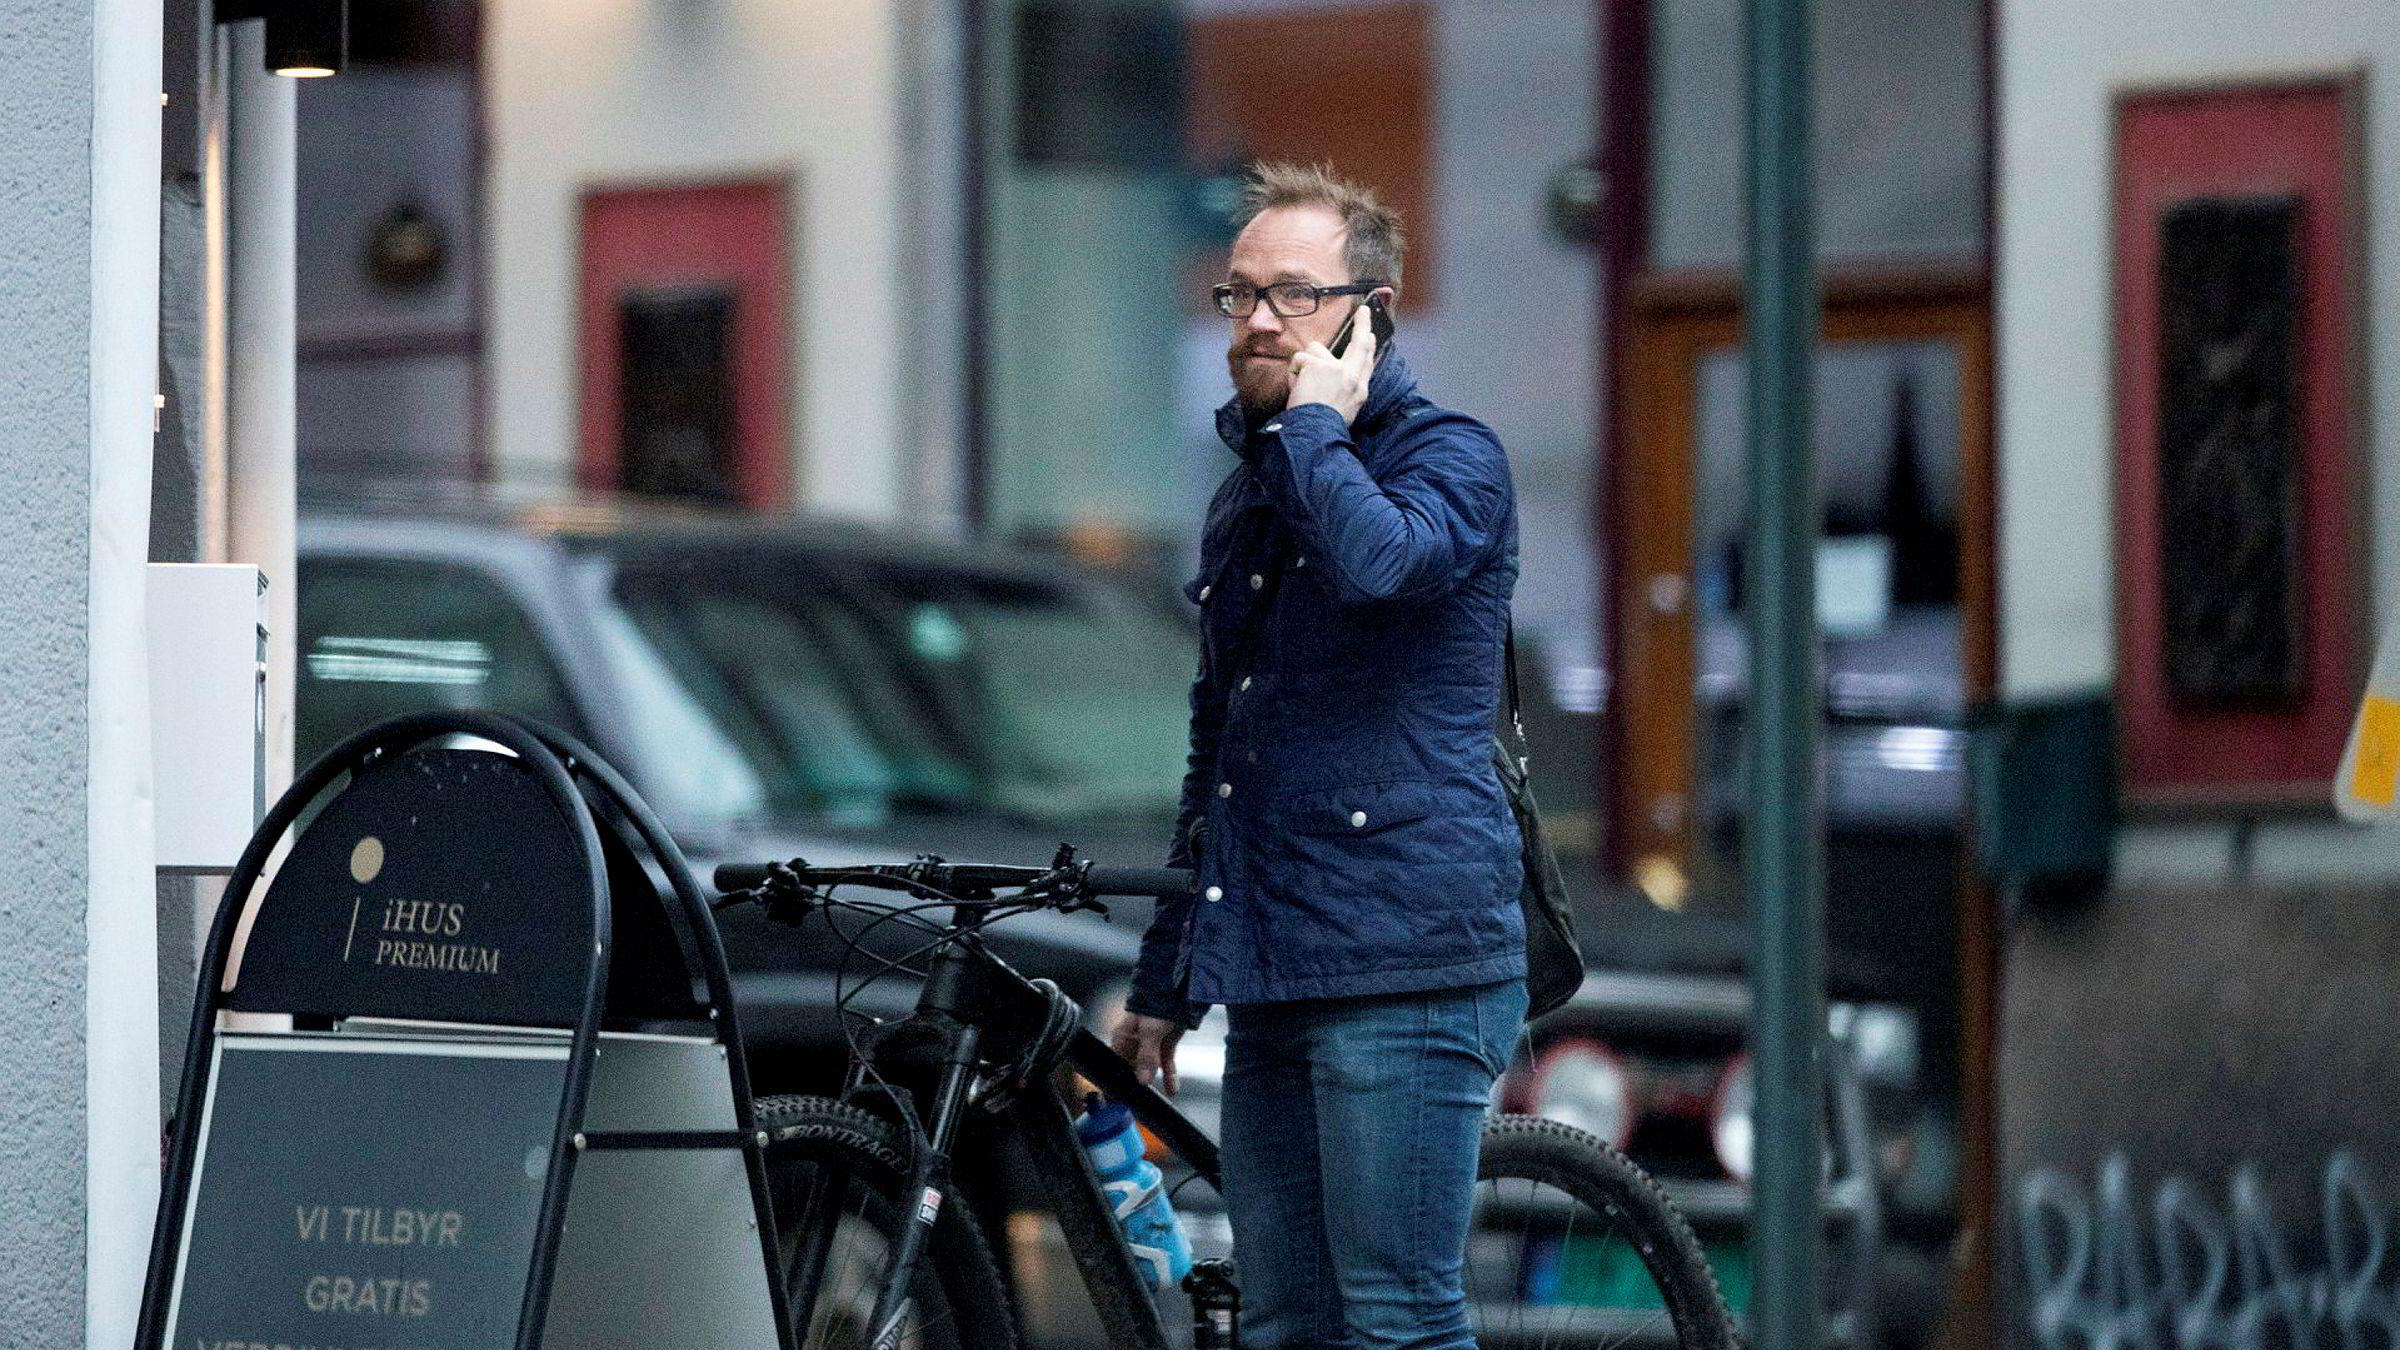 Torsdag i forrige uke ankom Ihus-eier Geir Ole Reiakvam kontoret på St. Hanshaugen på sykkel. DN har forsøkt å få et intervju med Reiakvam og megler Mikael Menti. Menti ville ikke møte DNs journalister, Reiakvam trakk seg 20 minutter før avtalen.